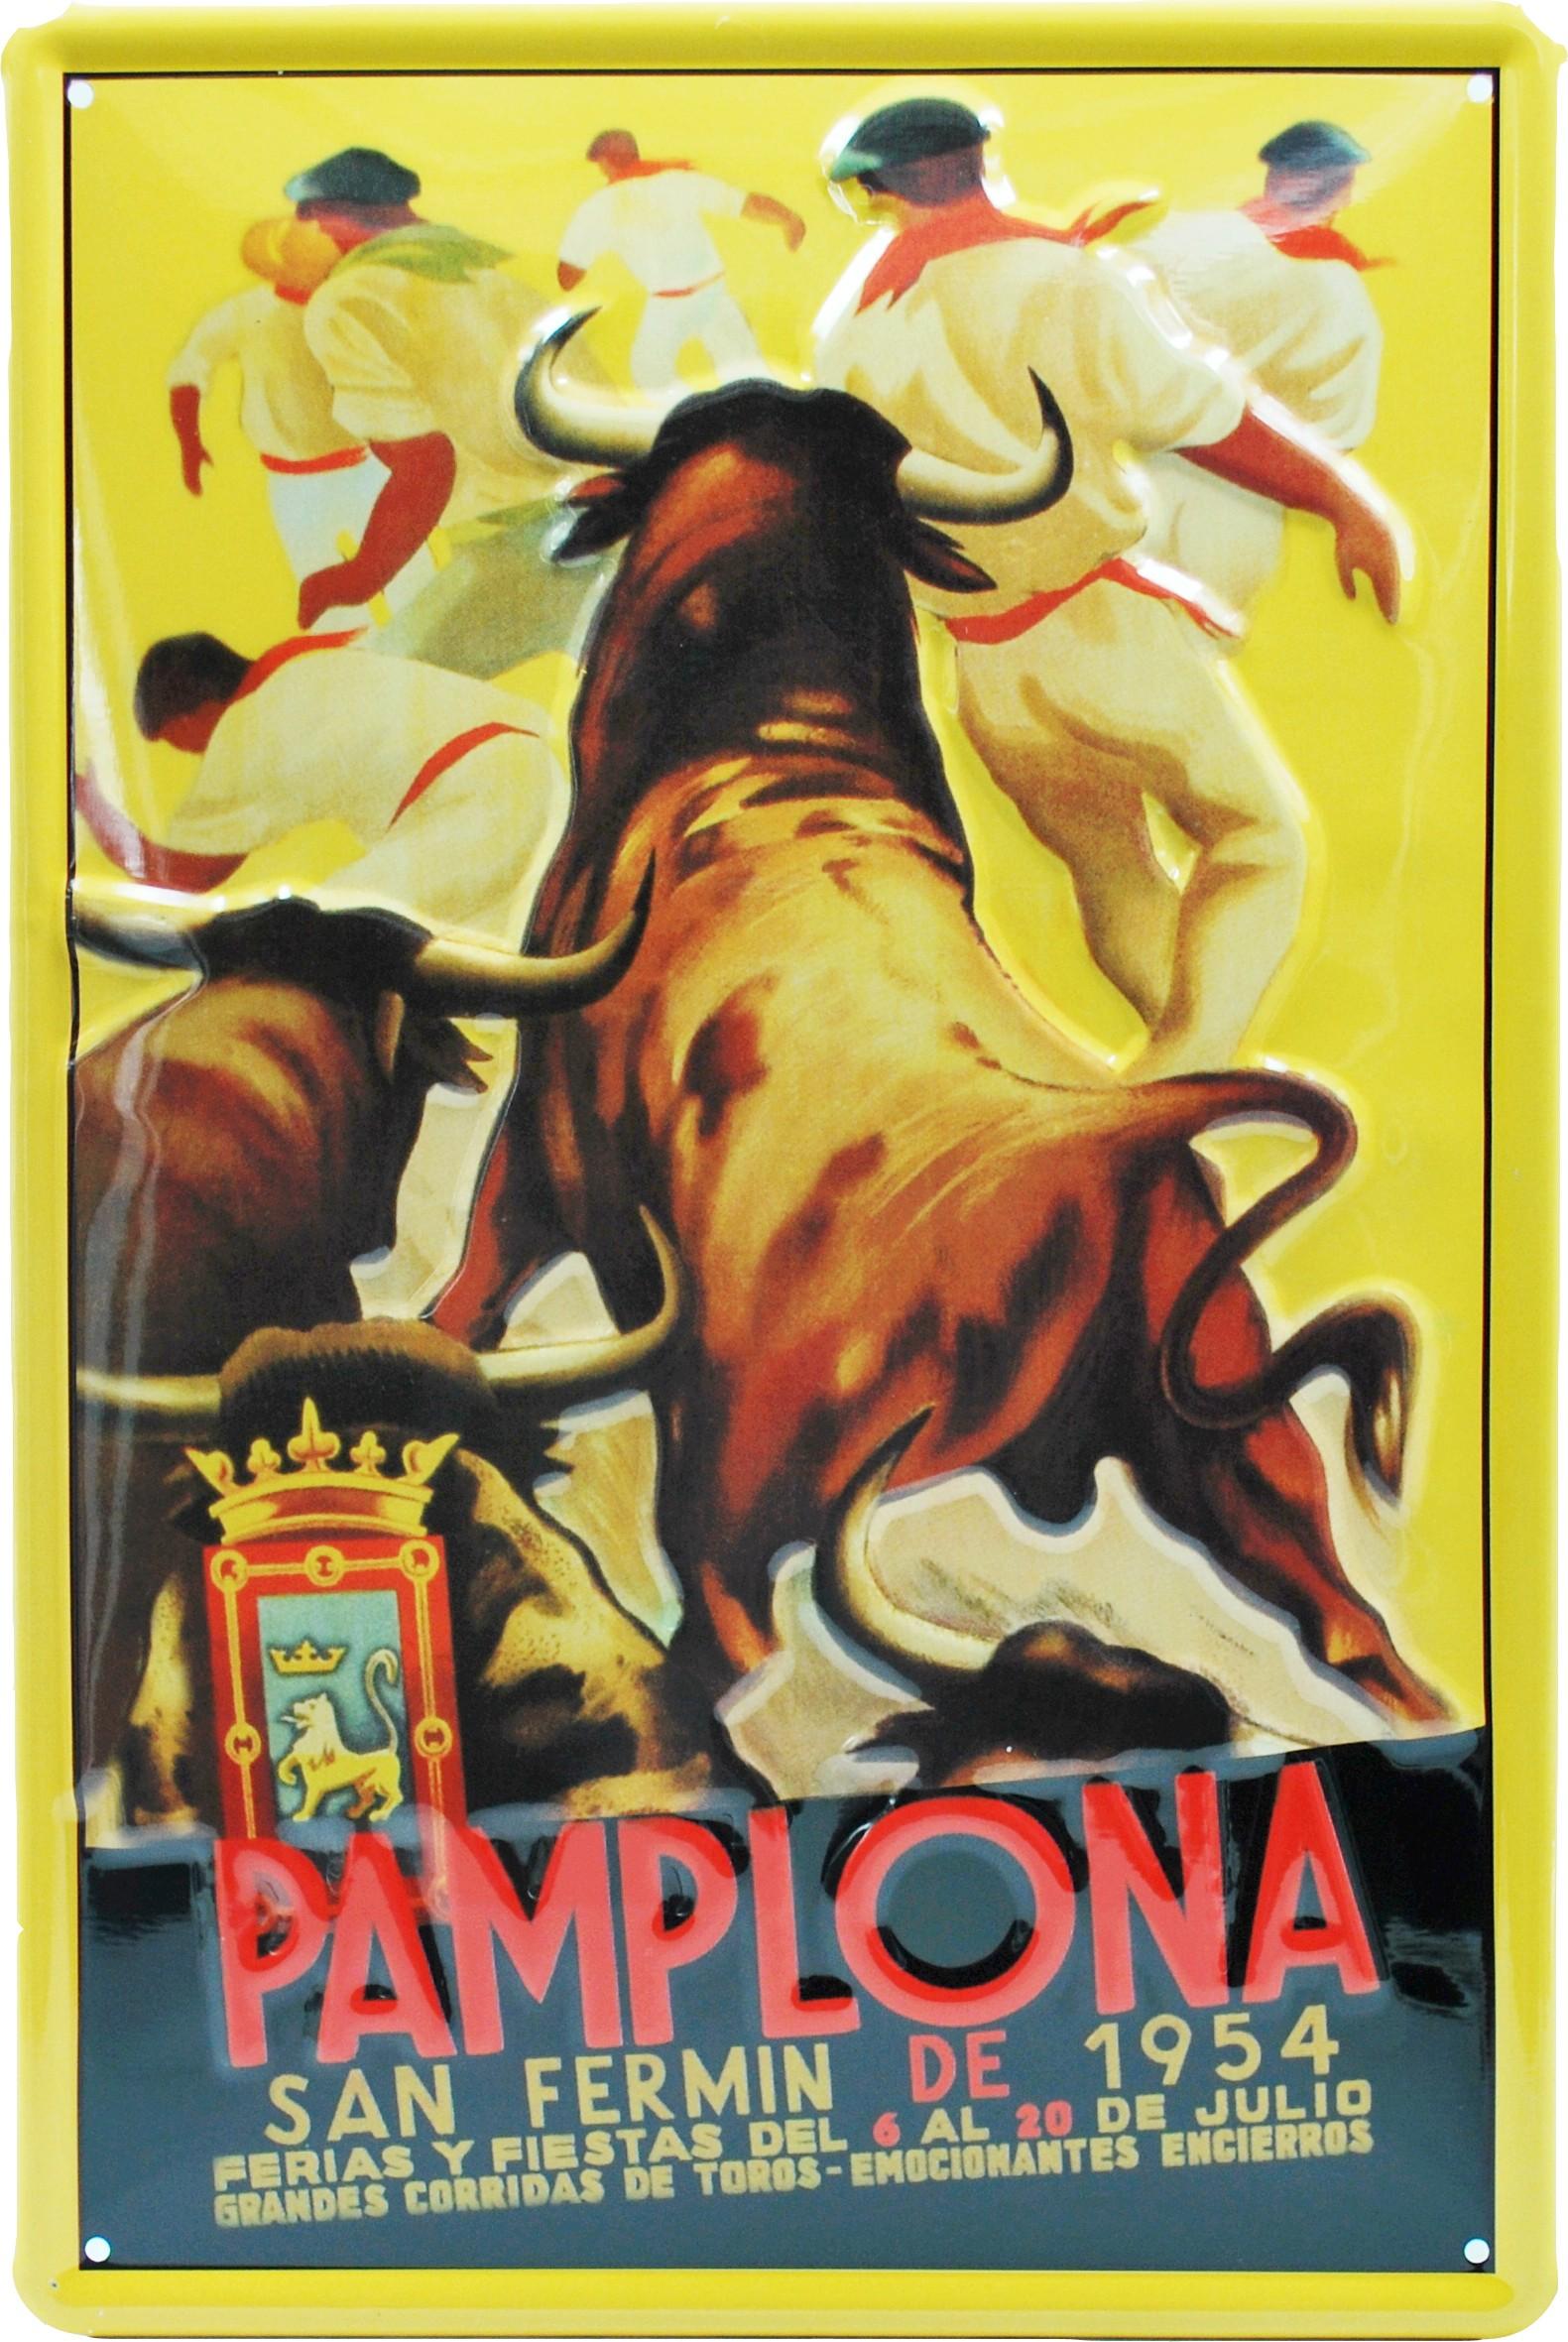 Cartel Metálico SanFermín 1954, Pamplona